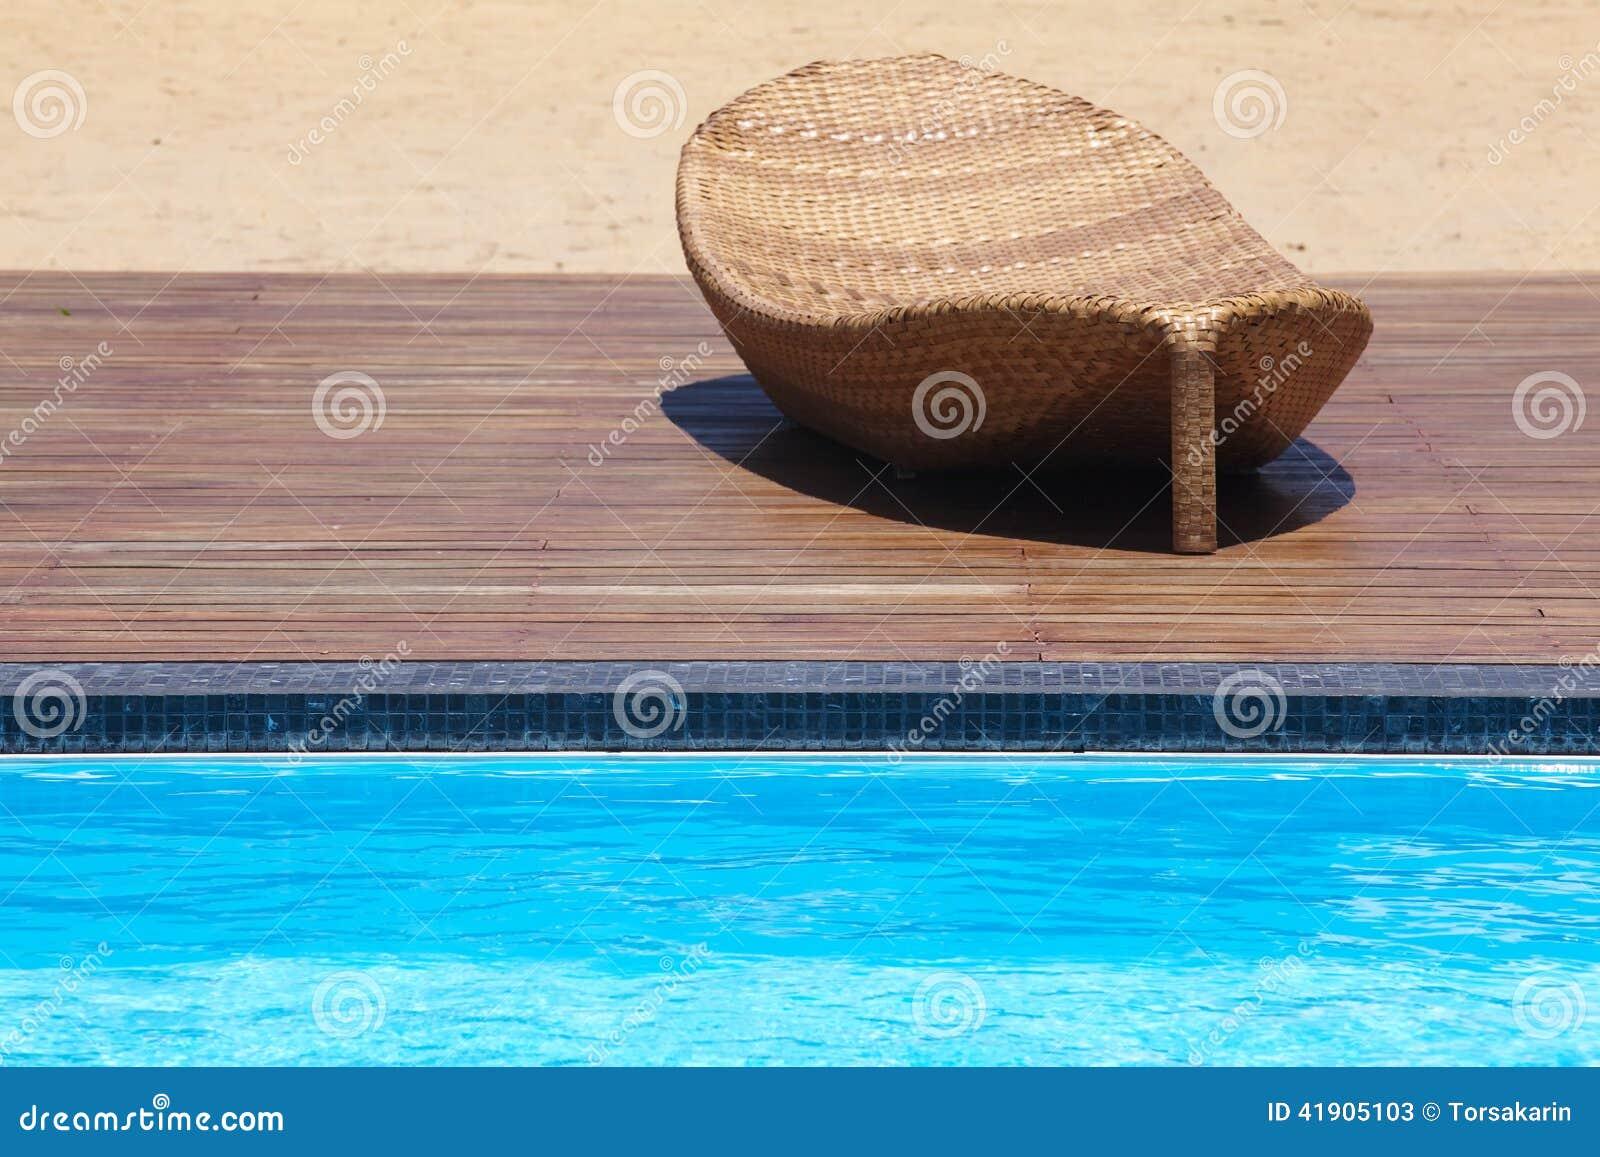 Piscina lateral de las sillas de playa